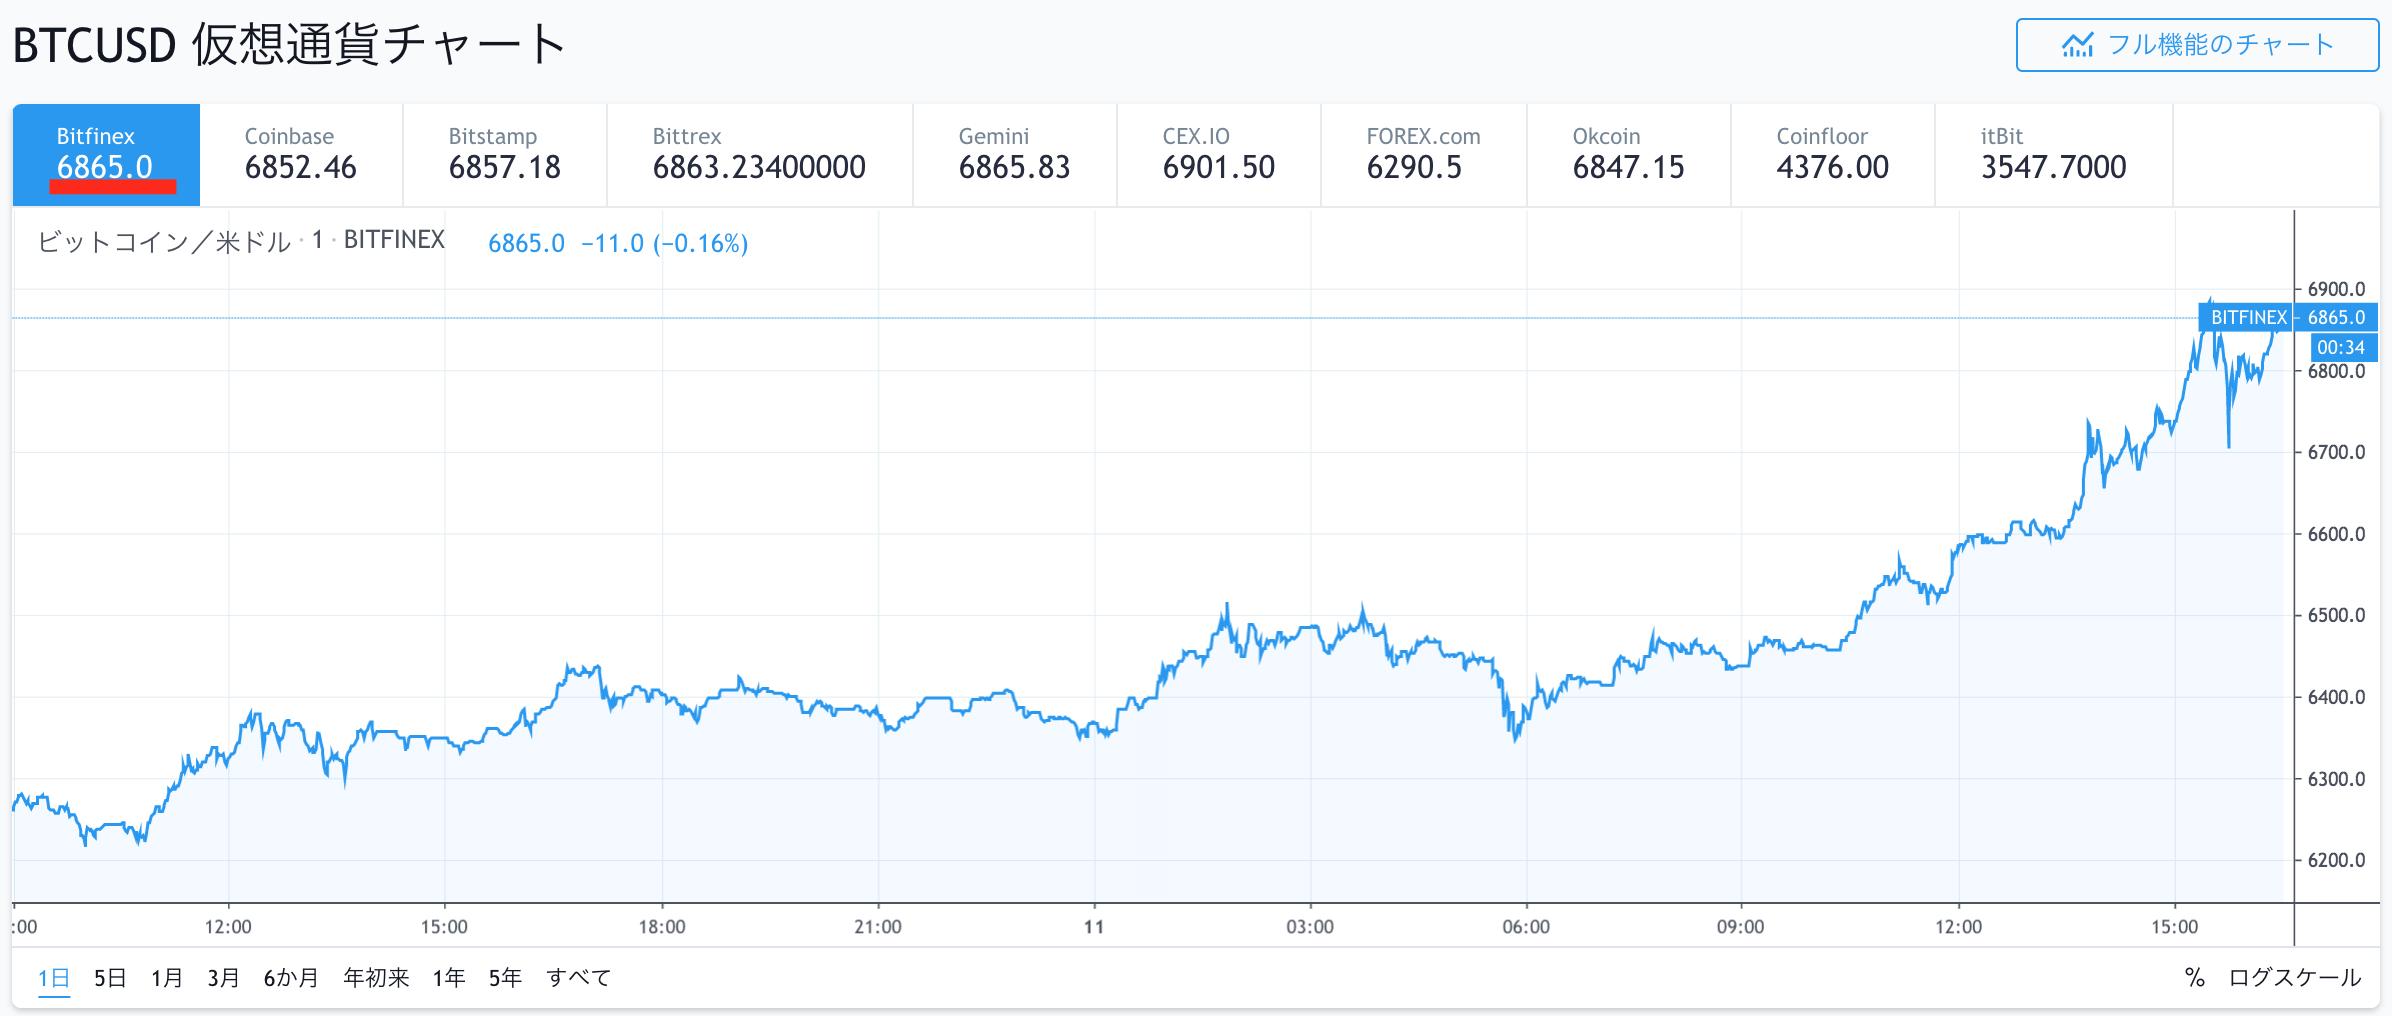 ビットコイン/米ドルチャート